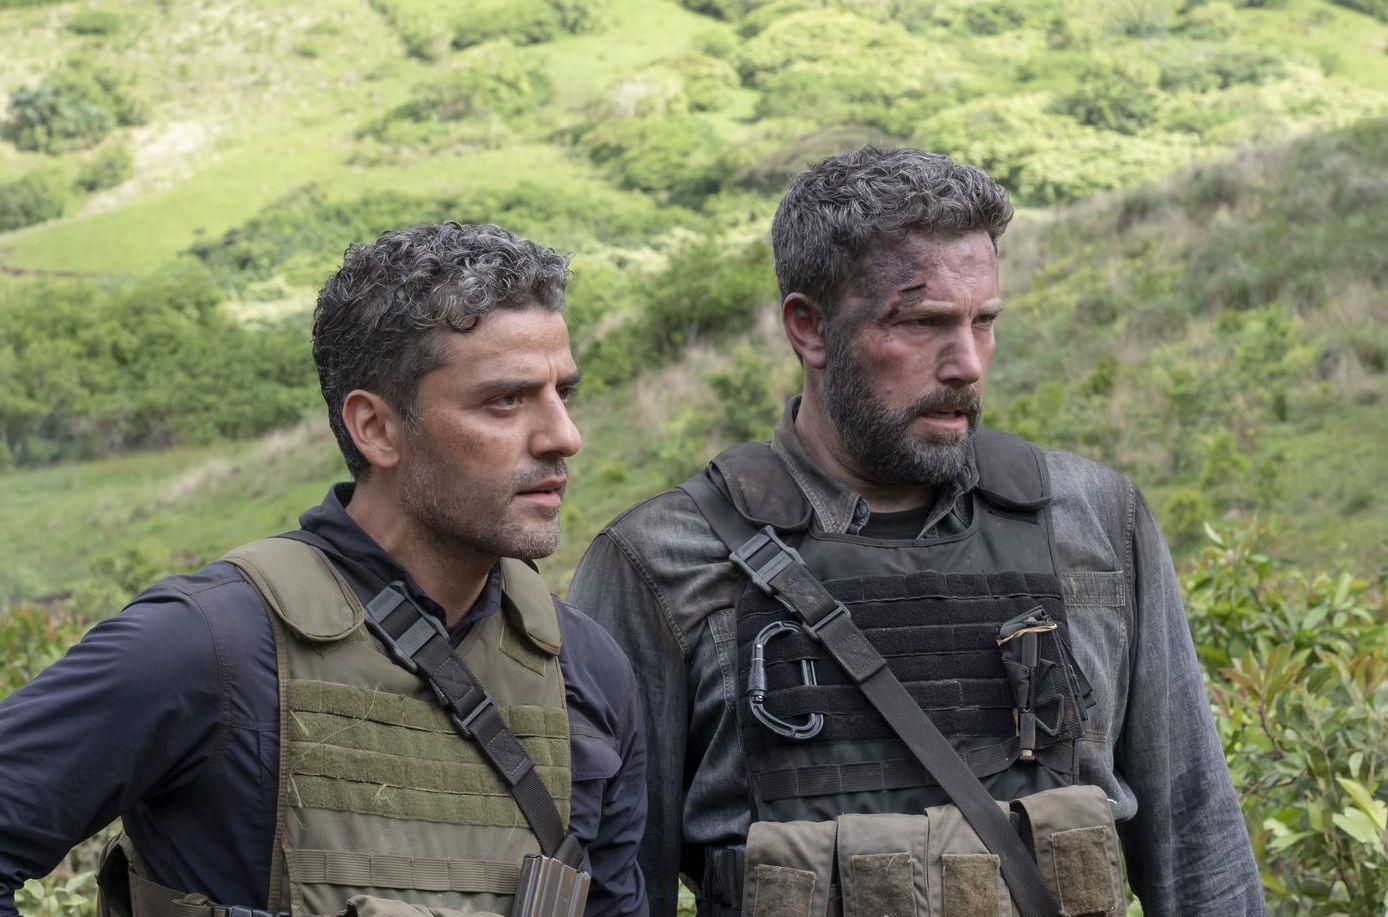 Oscar Isaac and Ben Affleck